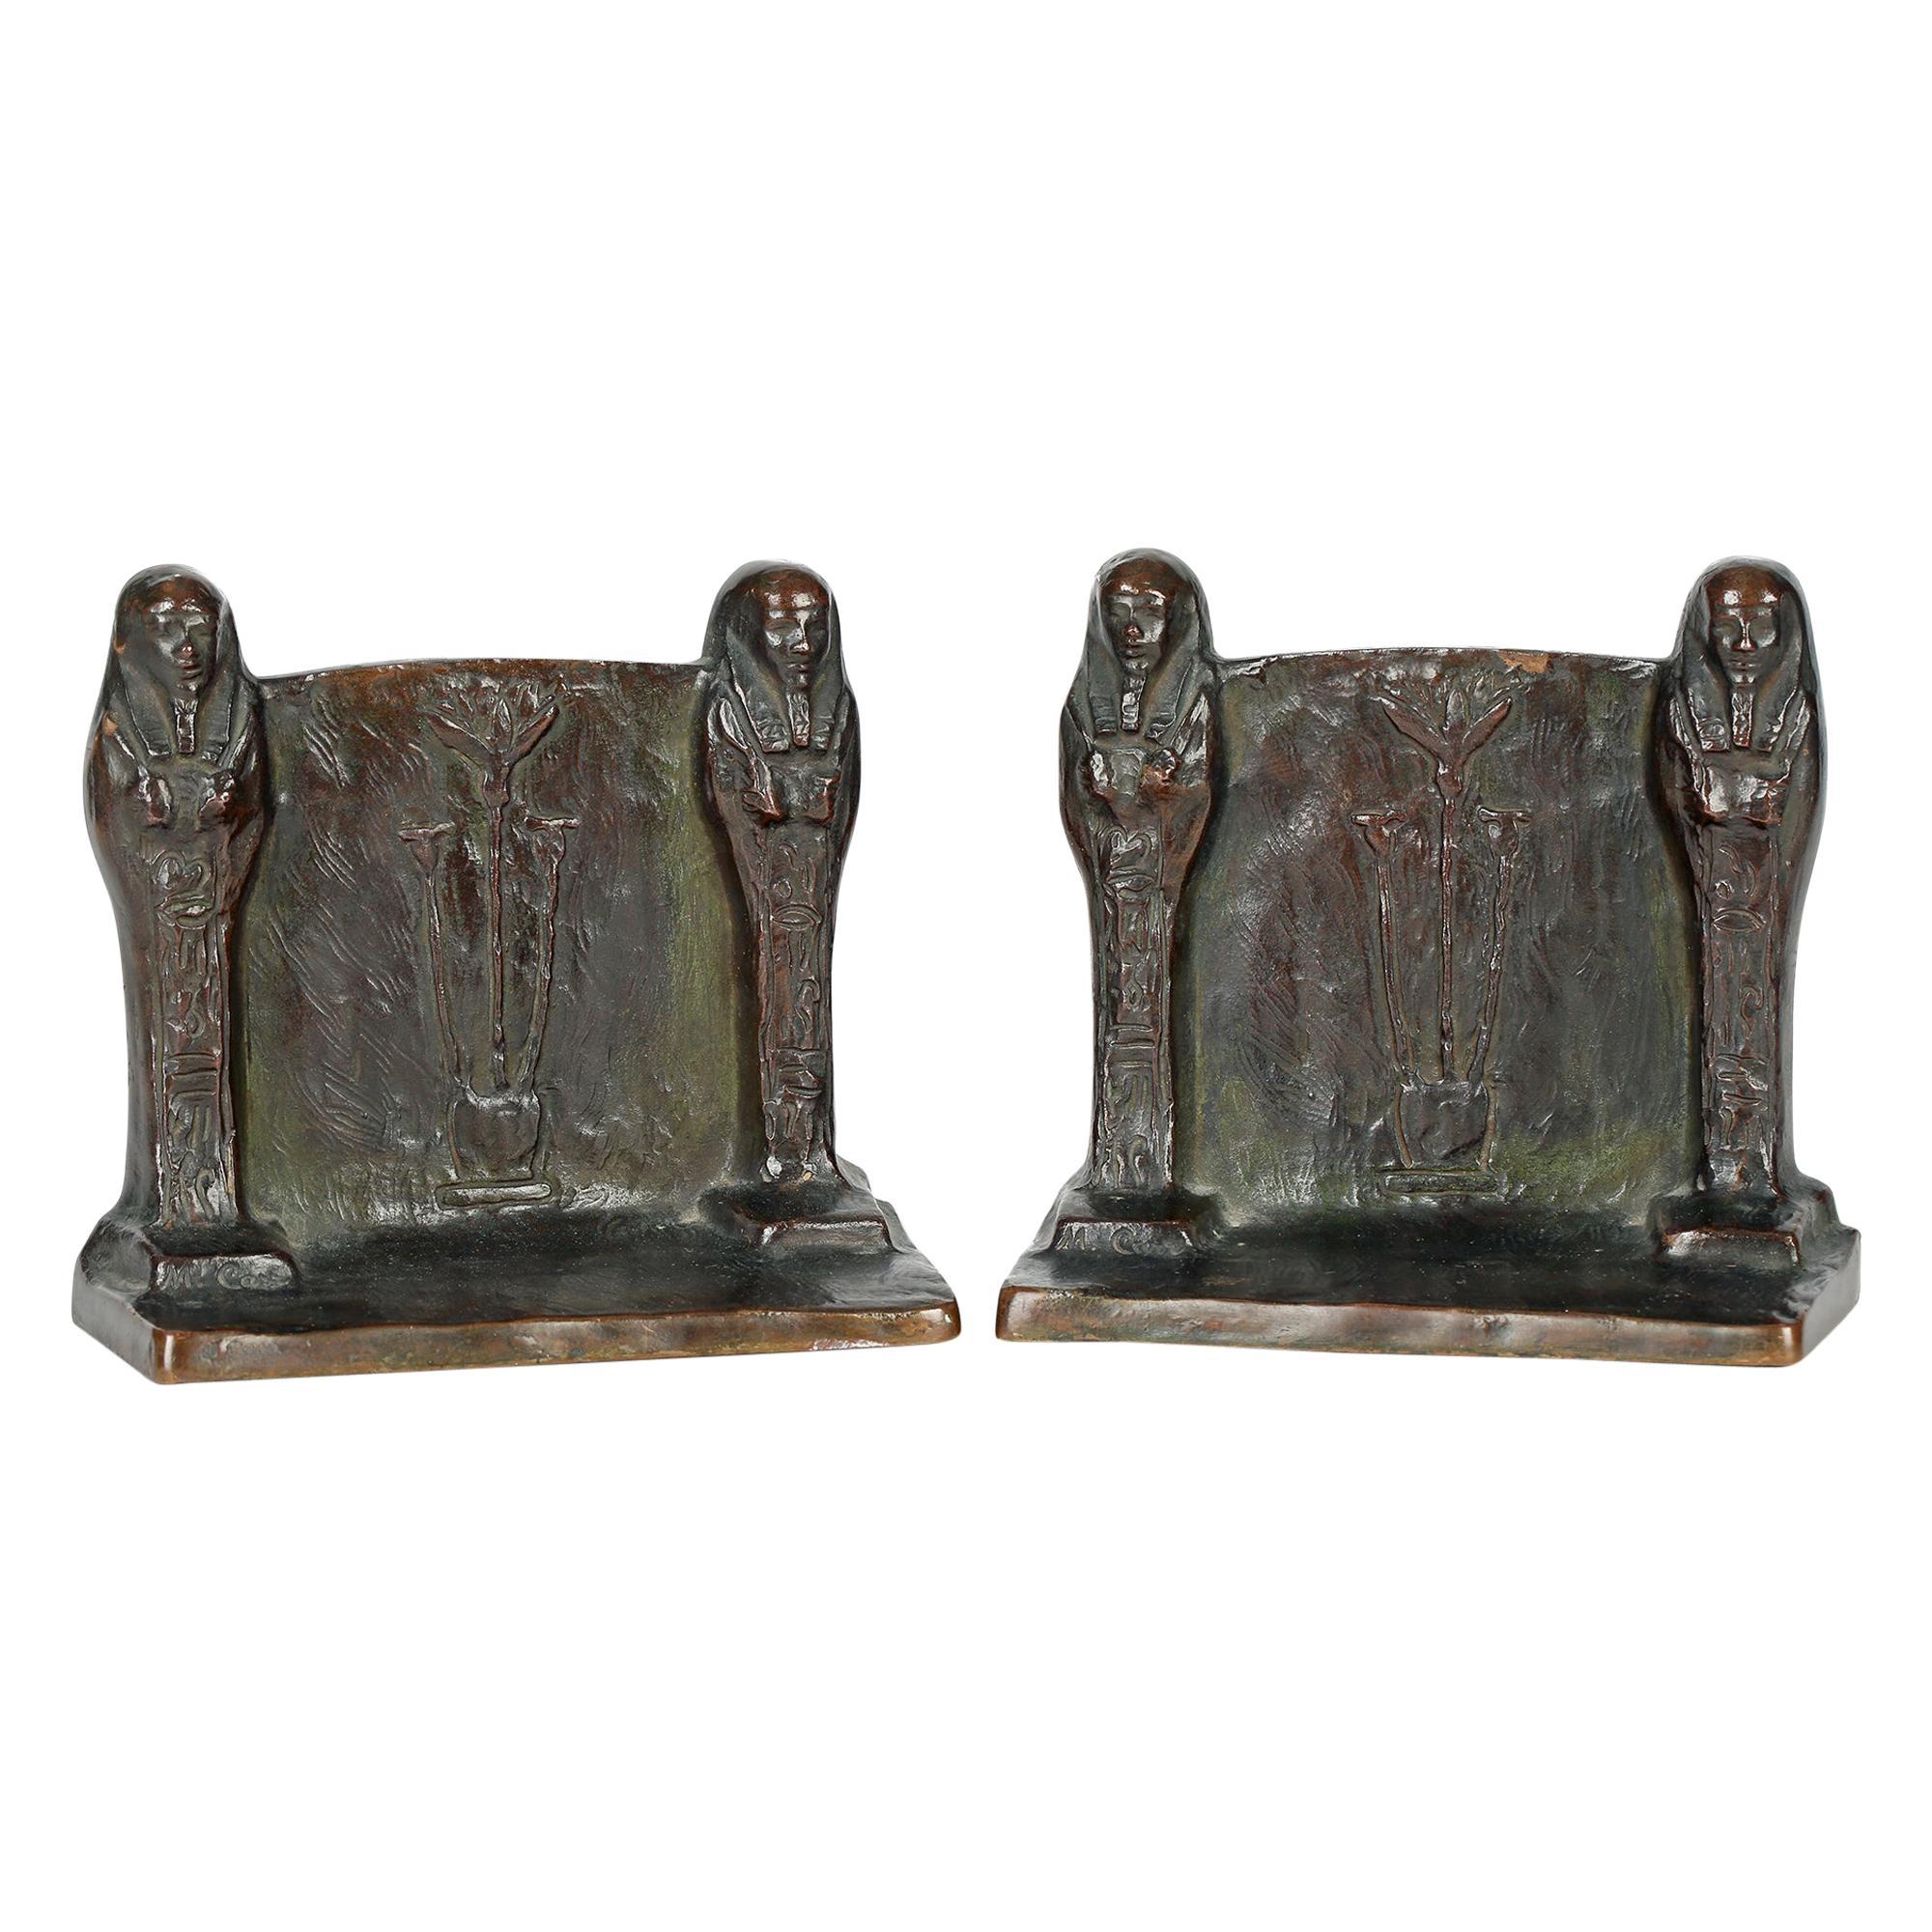 M Carr American Art Nouveau Pair Bronze Egyptian Revival Bookends